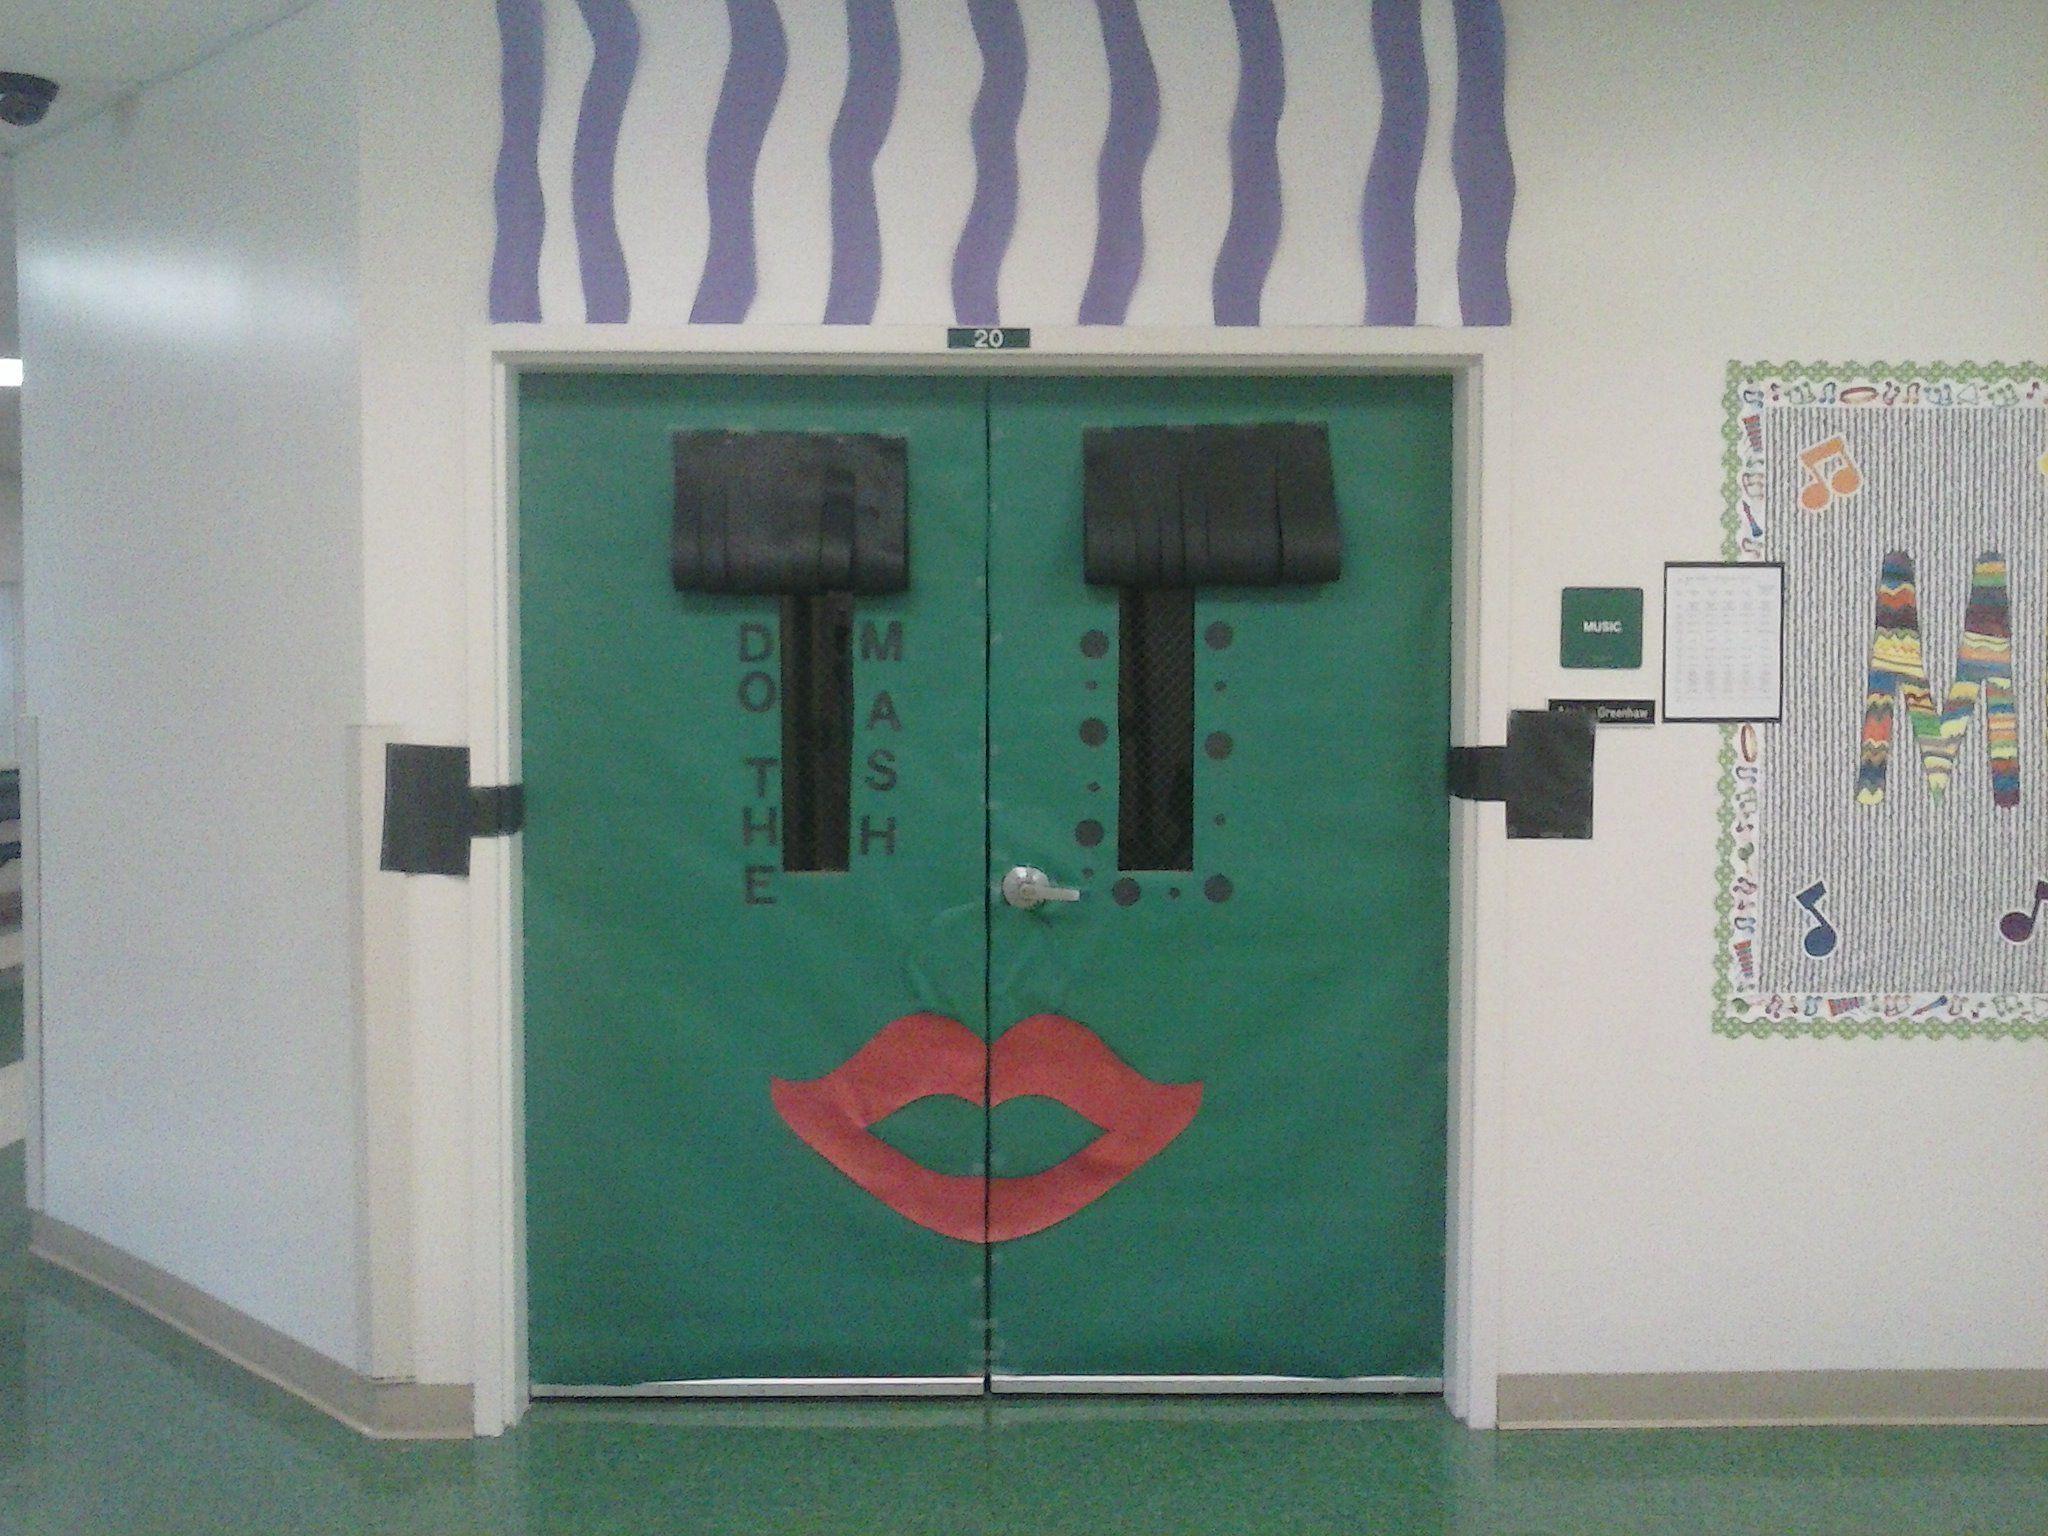 Double door decorations for 50's Day & Halloween. Bride of ...